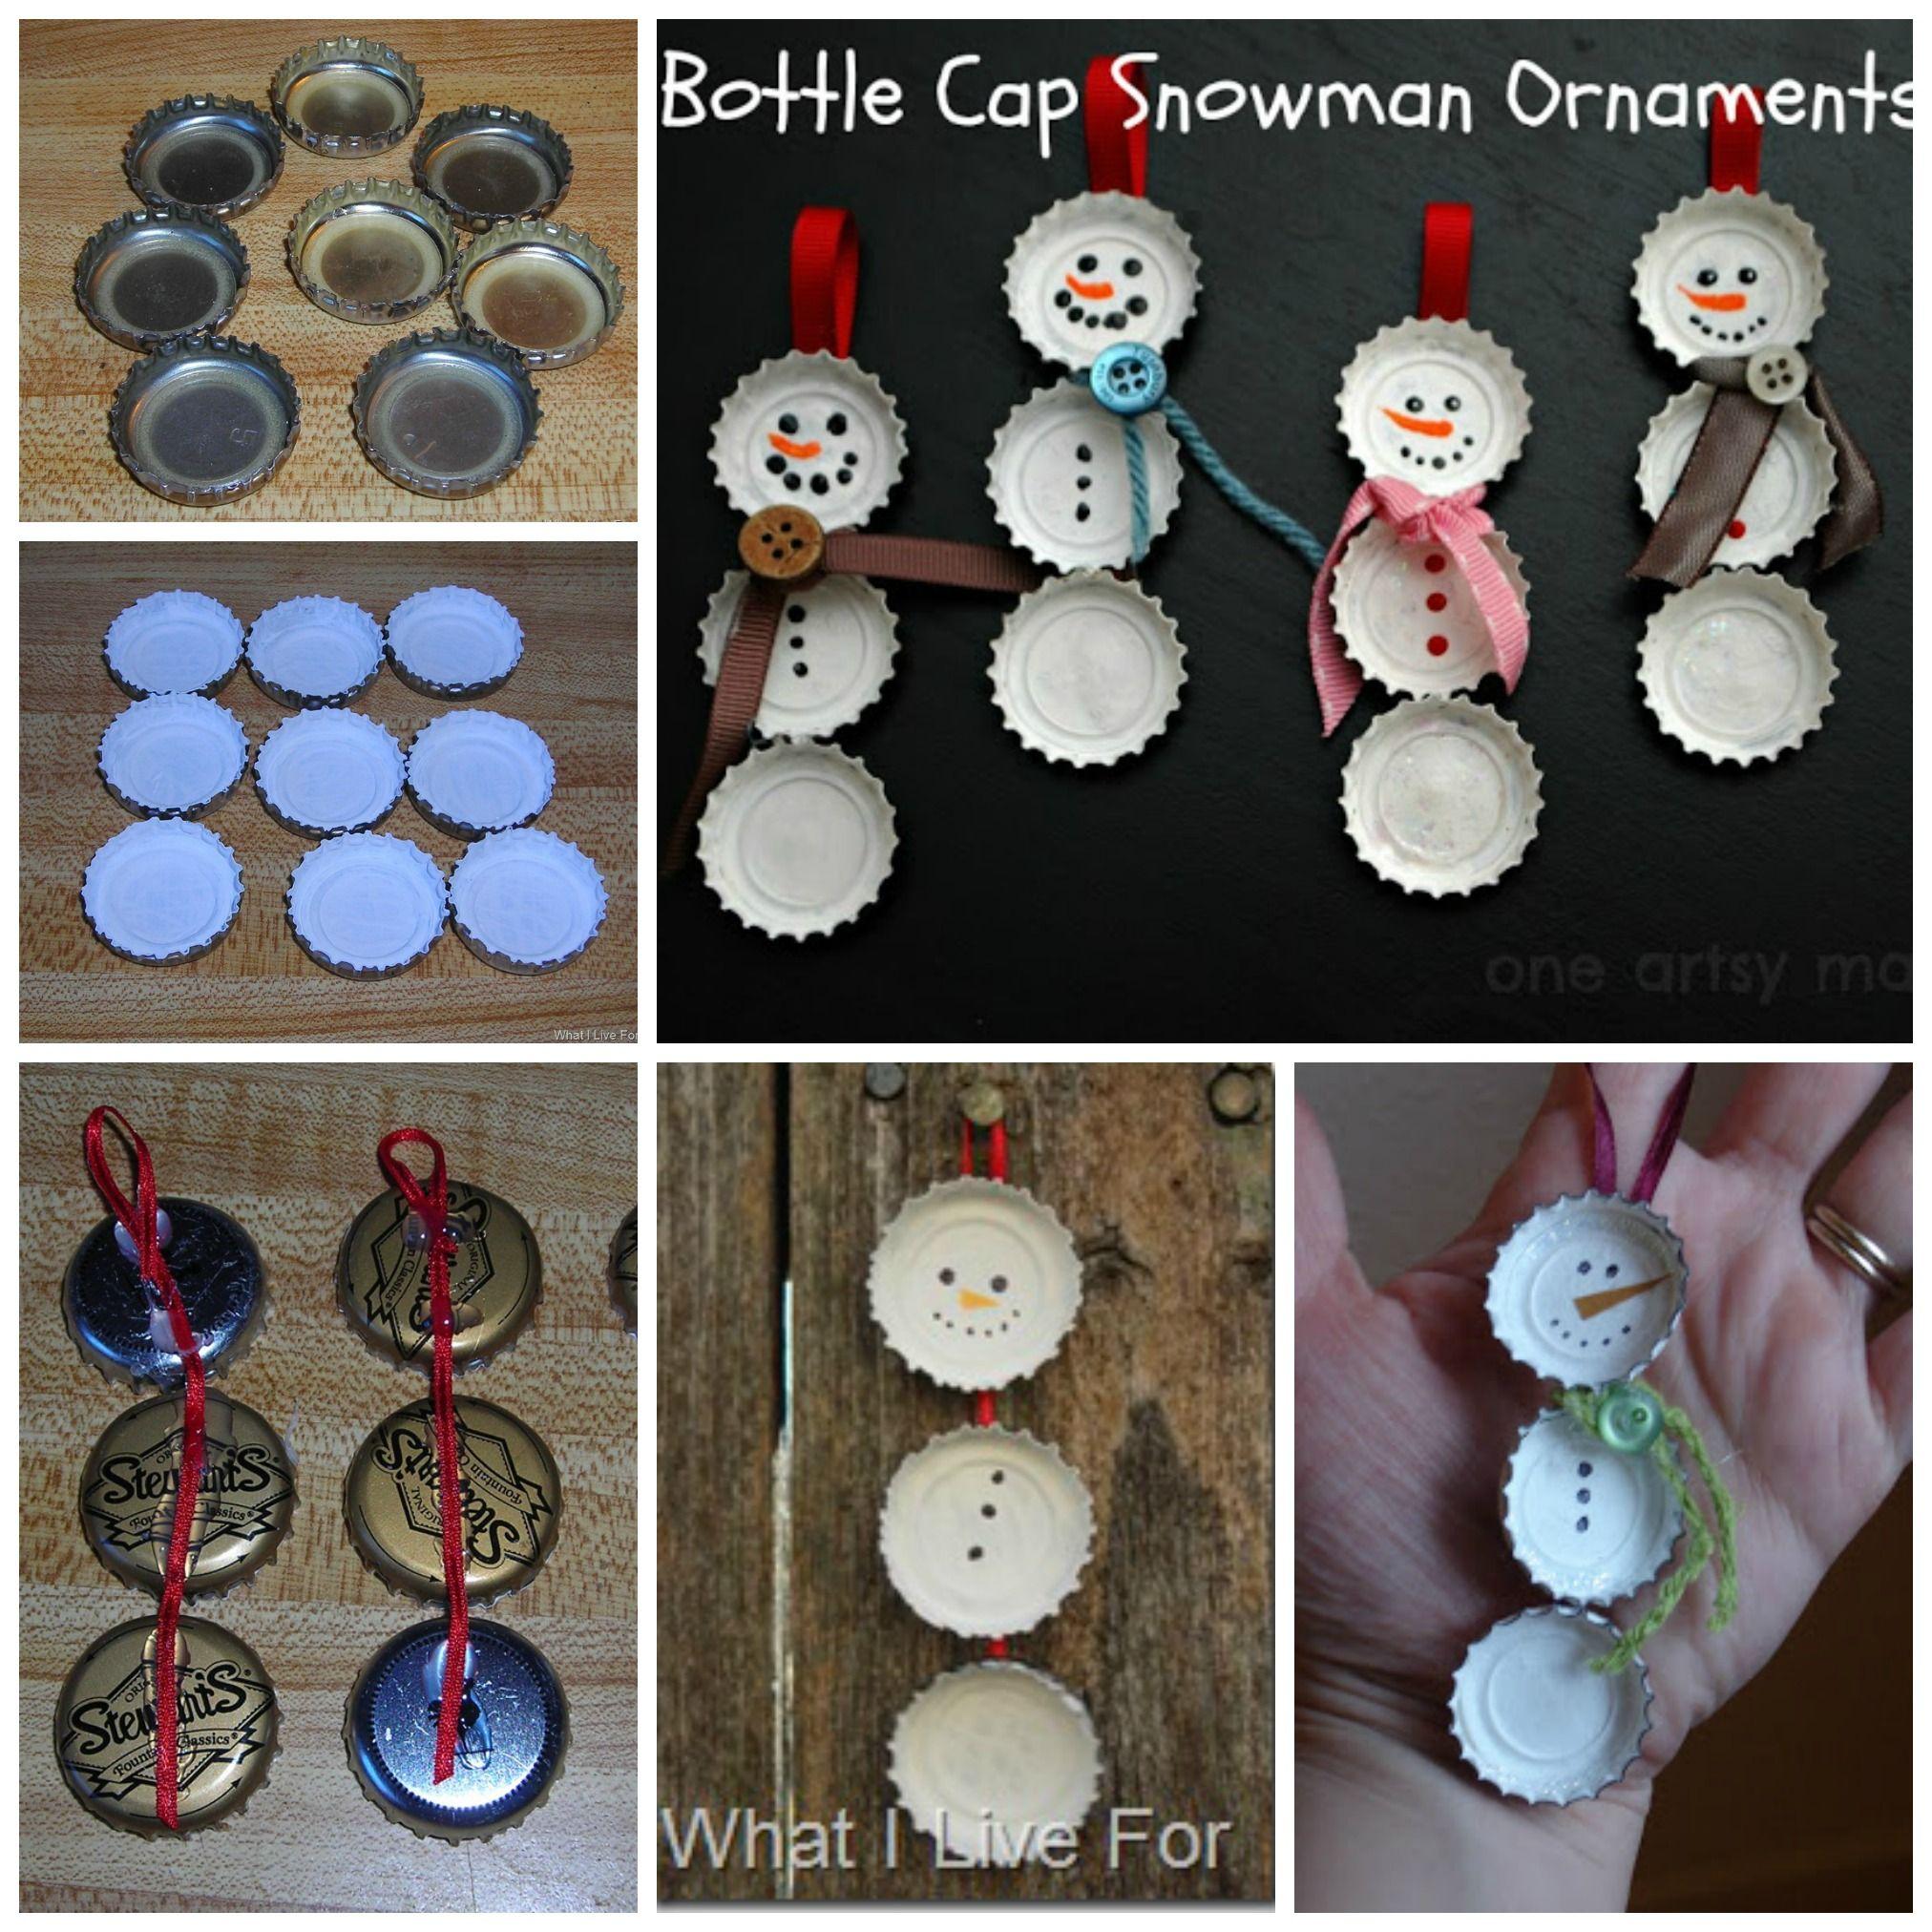 Bottle cap snowman ornaments diy crafts christmas for Diy bottle cap crafts